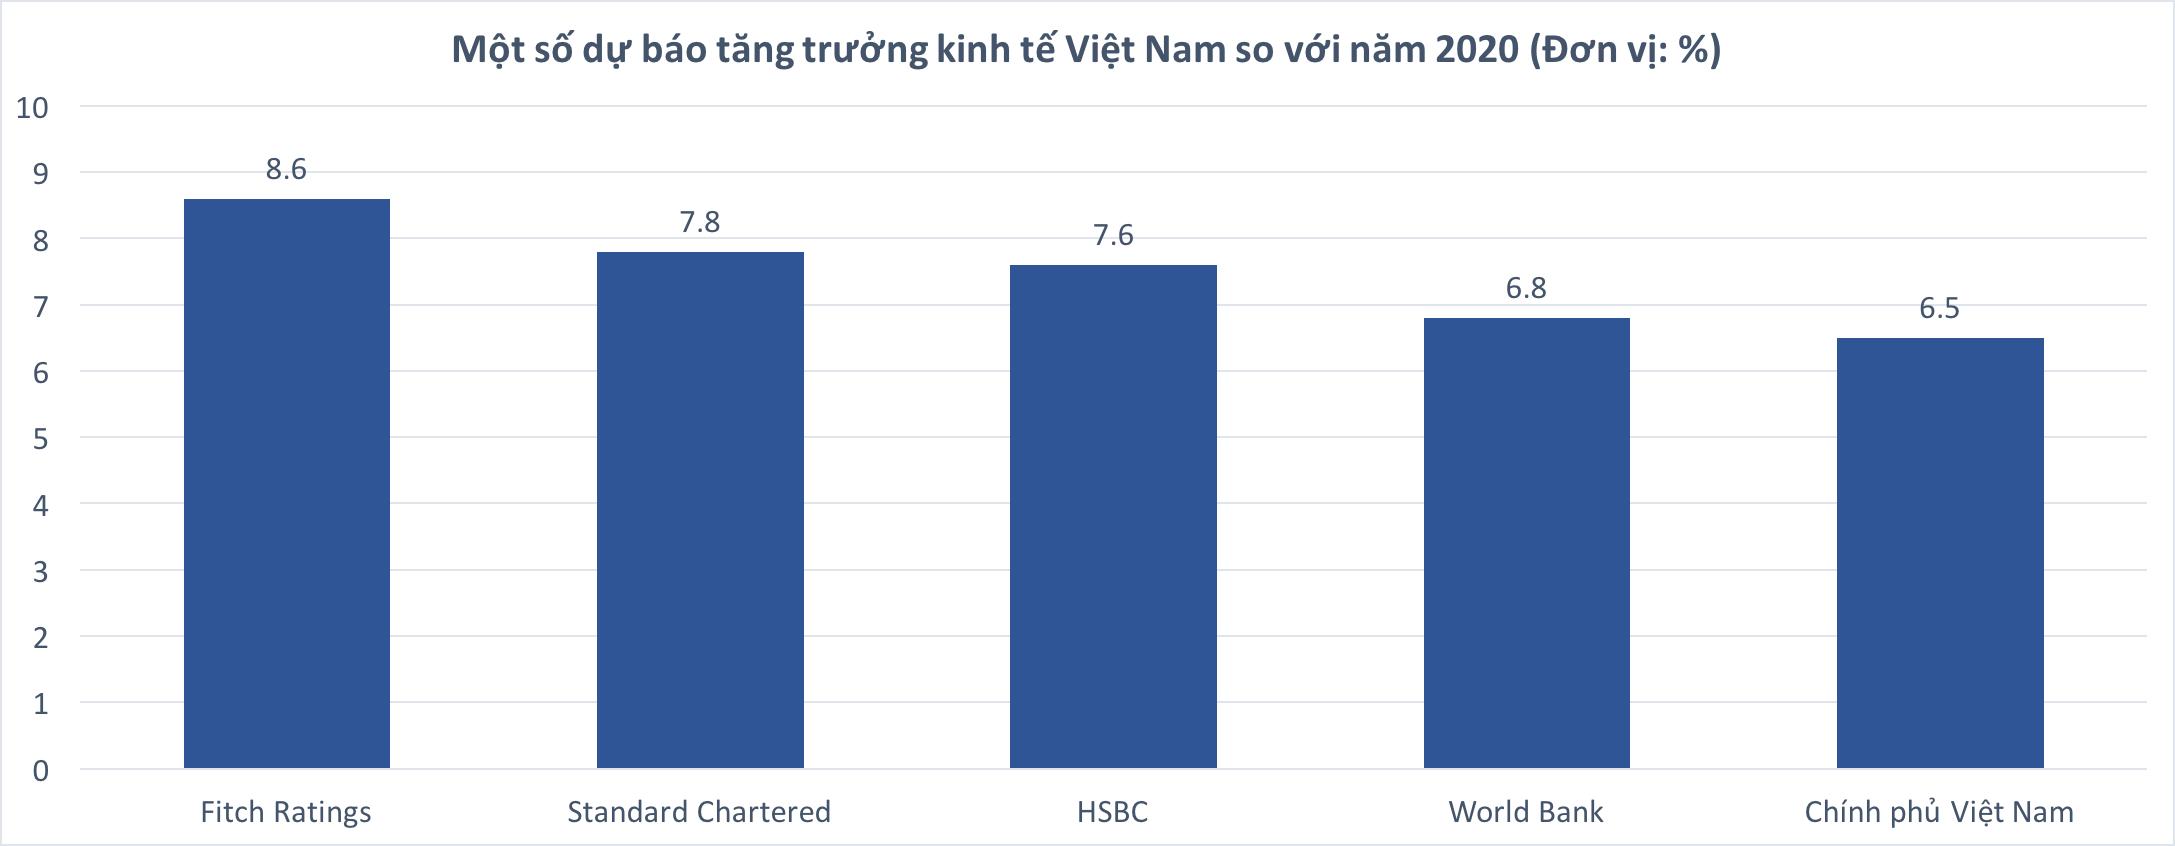 Standard Chartered: Dự báo GDP năm 2021 của Việt Nam đạt 7,8%  - Ảnh 2.